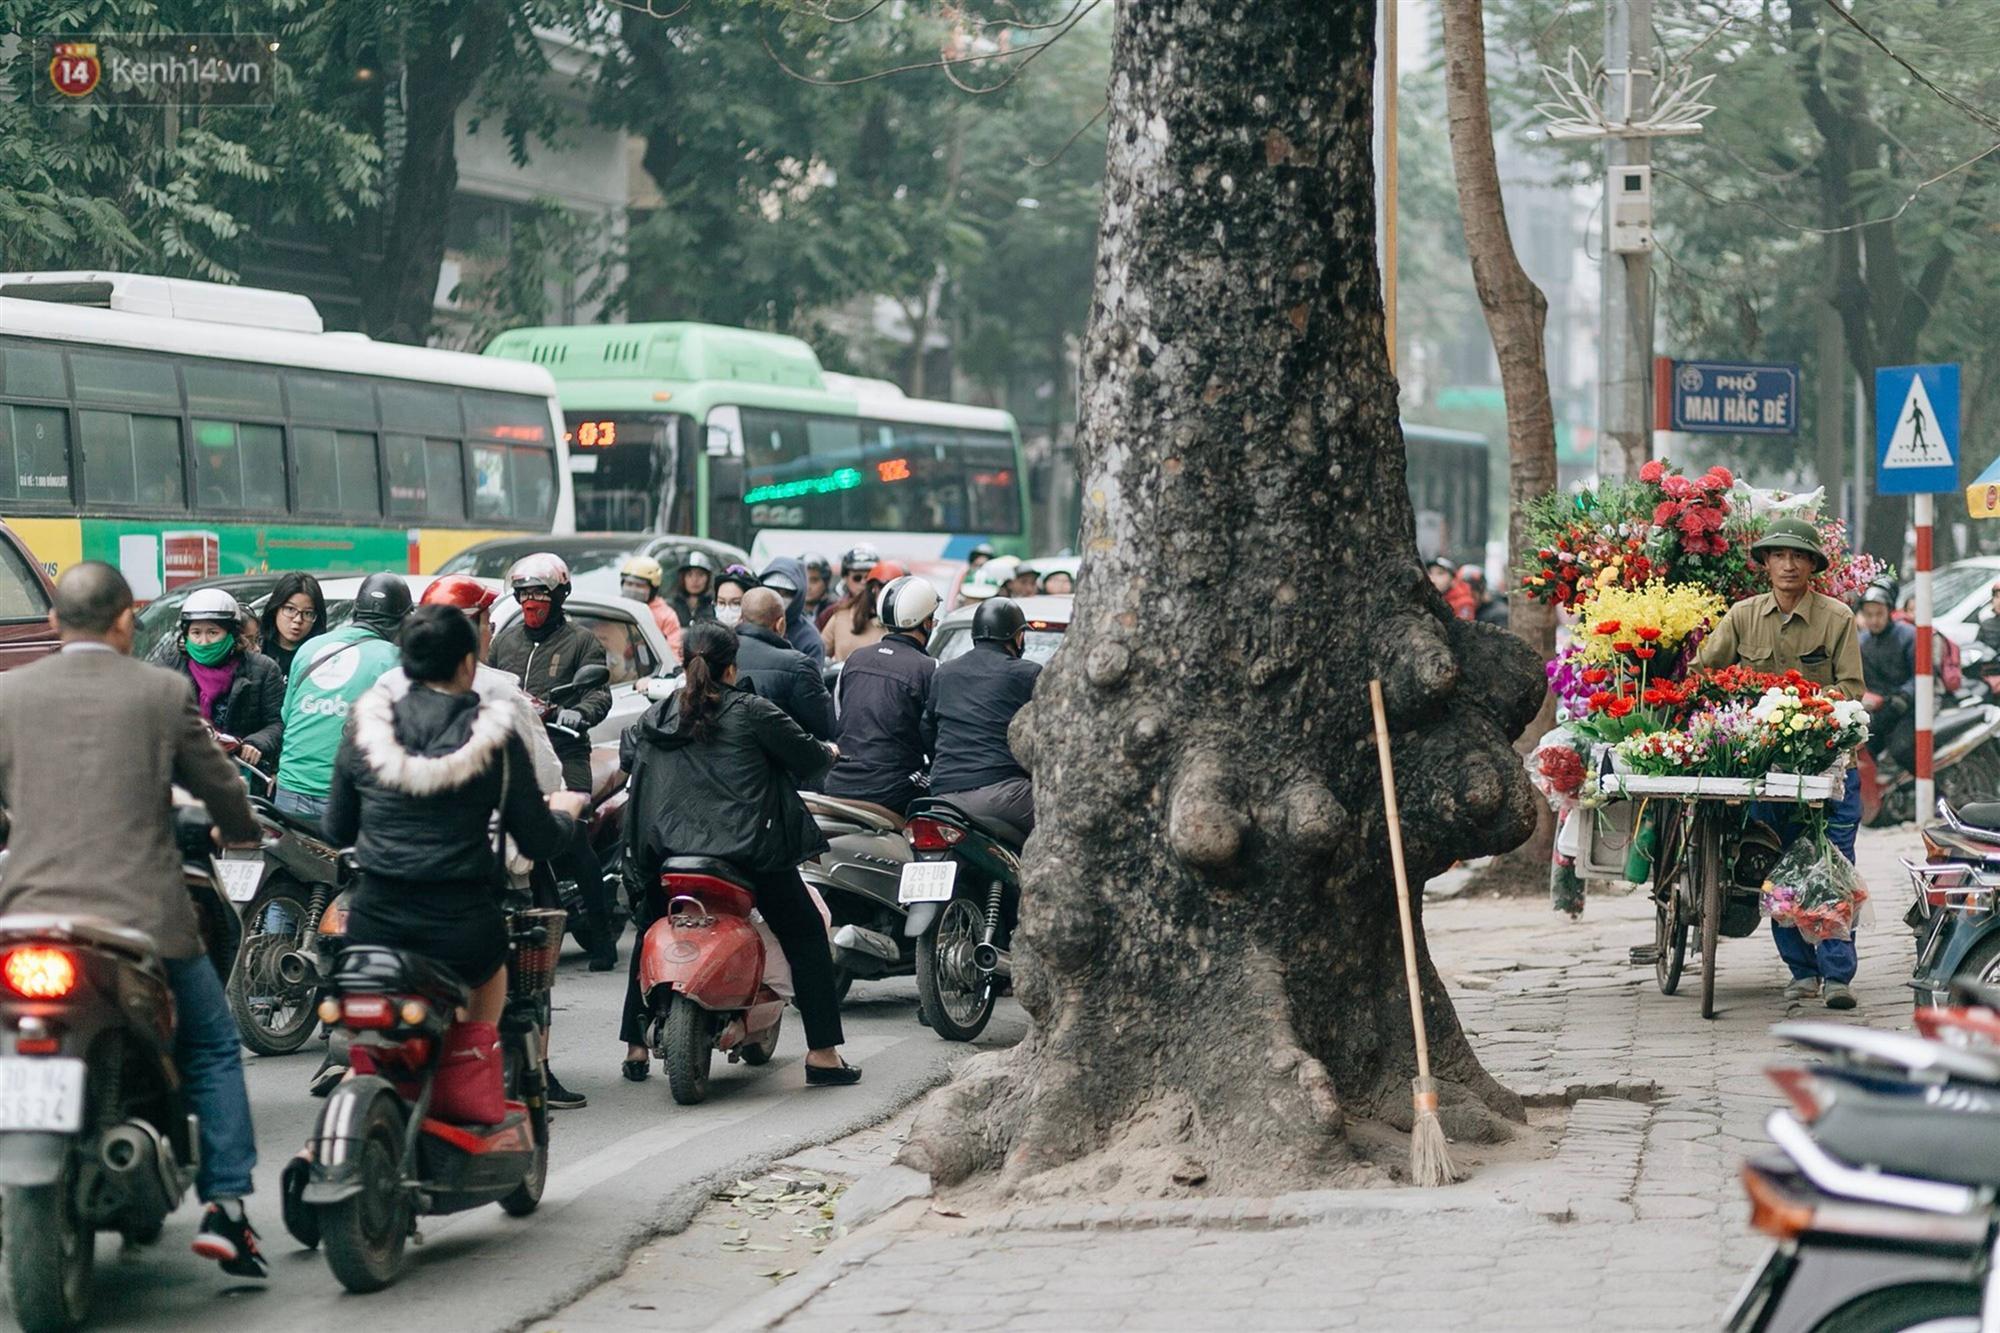 Chùm ảnh: Từ 3h chiều, đường phố Hà Nội ùn tắc không lối thoát ngày giáp Tết-3